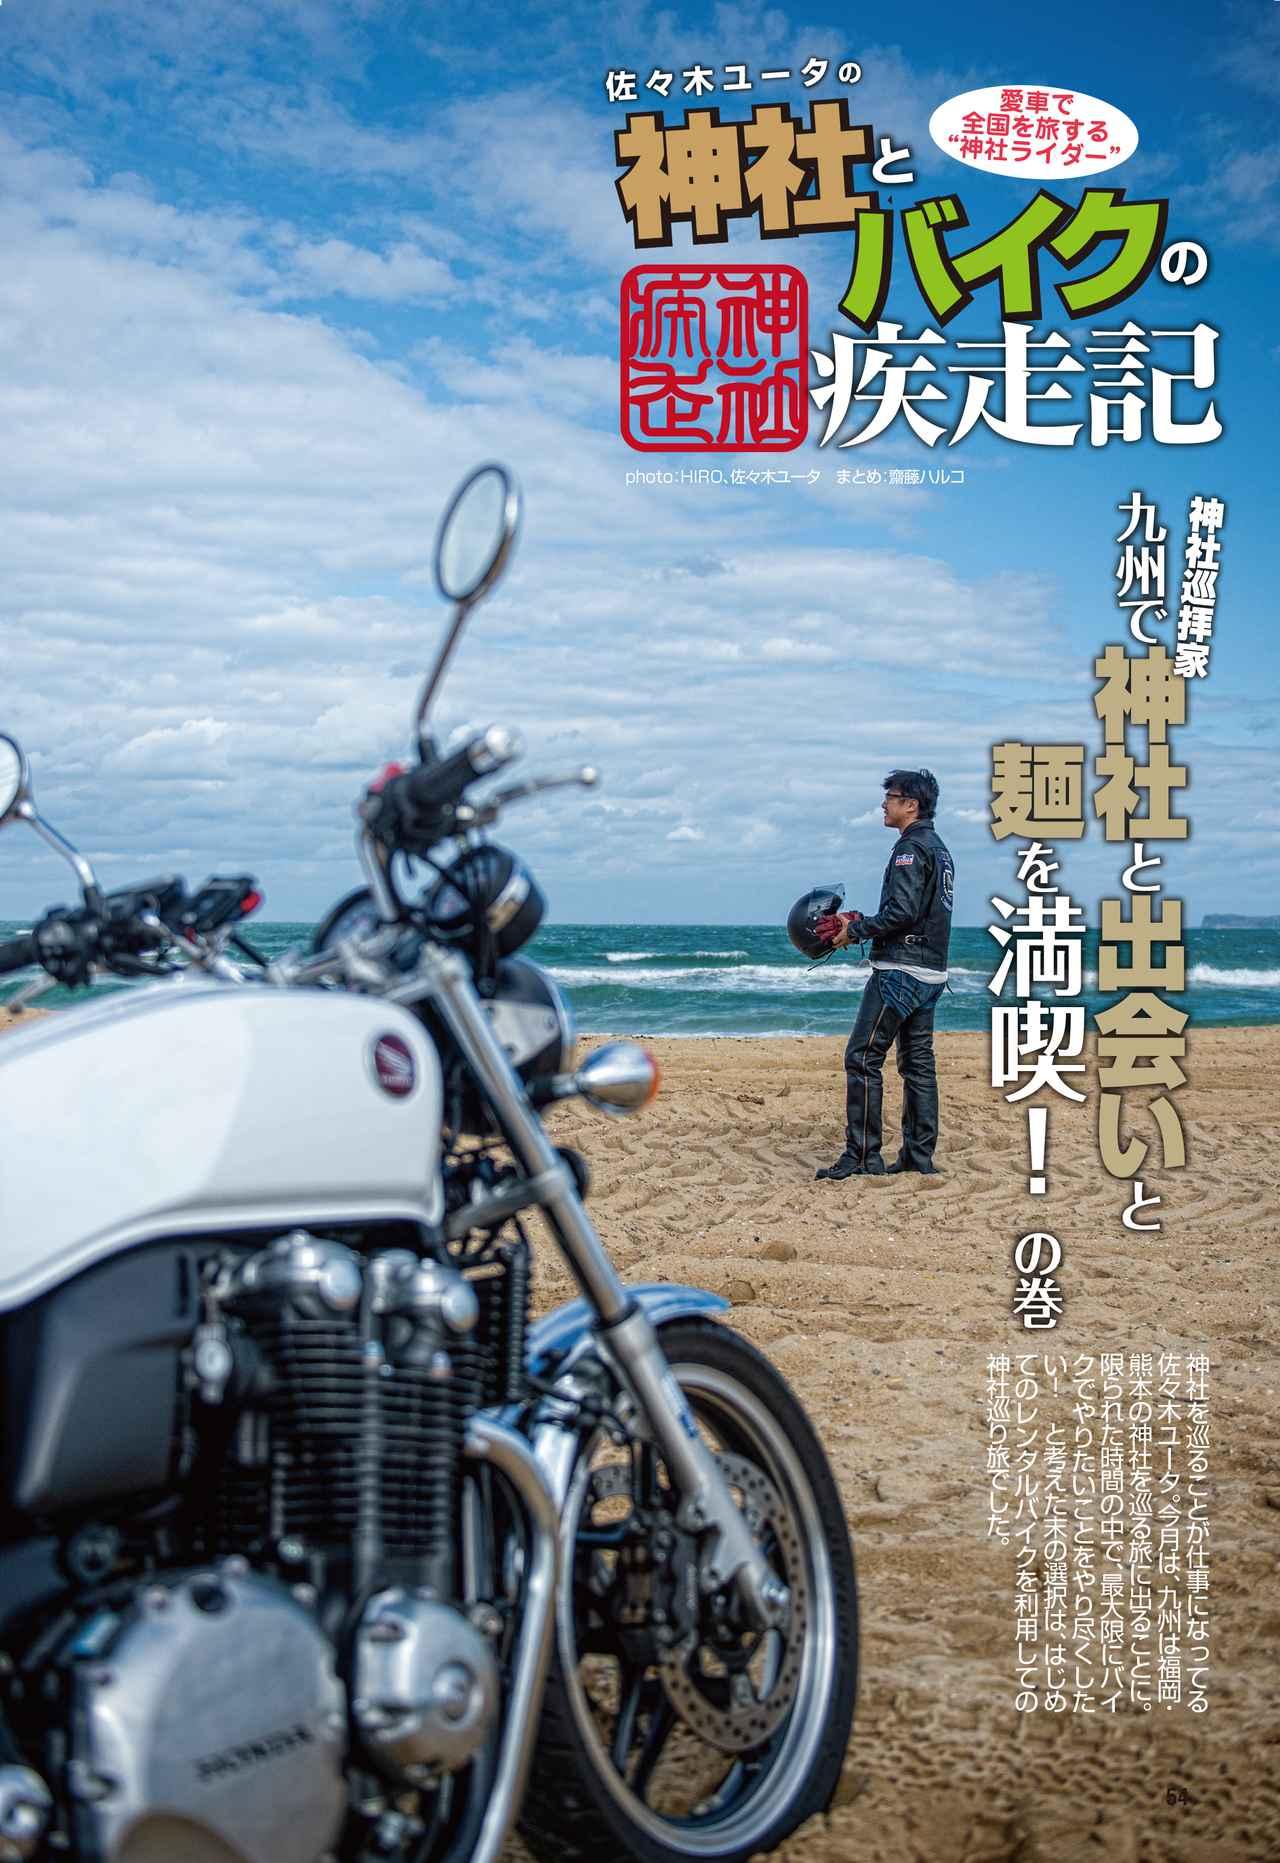 画像3: EICMA大特集! 月刊『オートバイ』2020年1月号は別冊付録「RIDE」とセットで11月30日(土)発売!